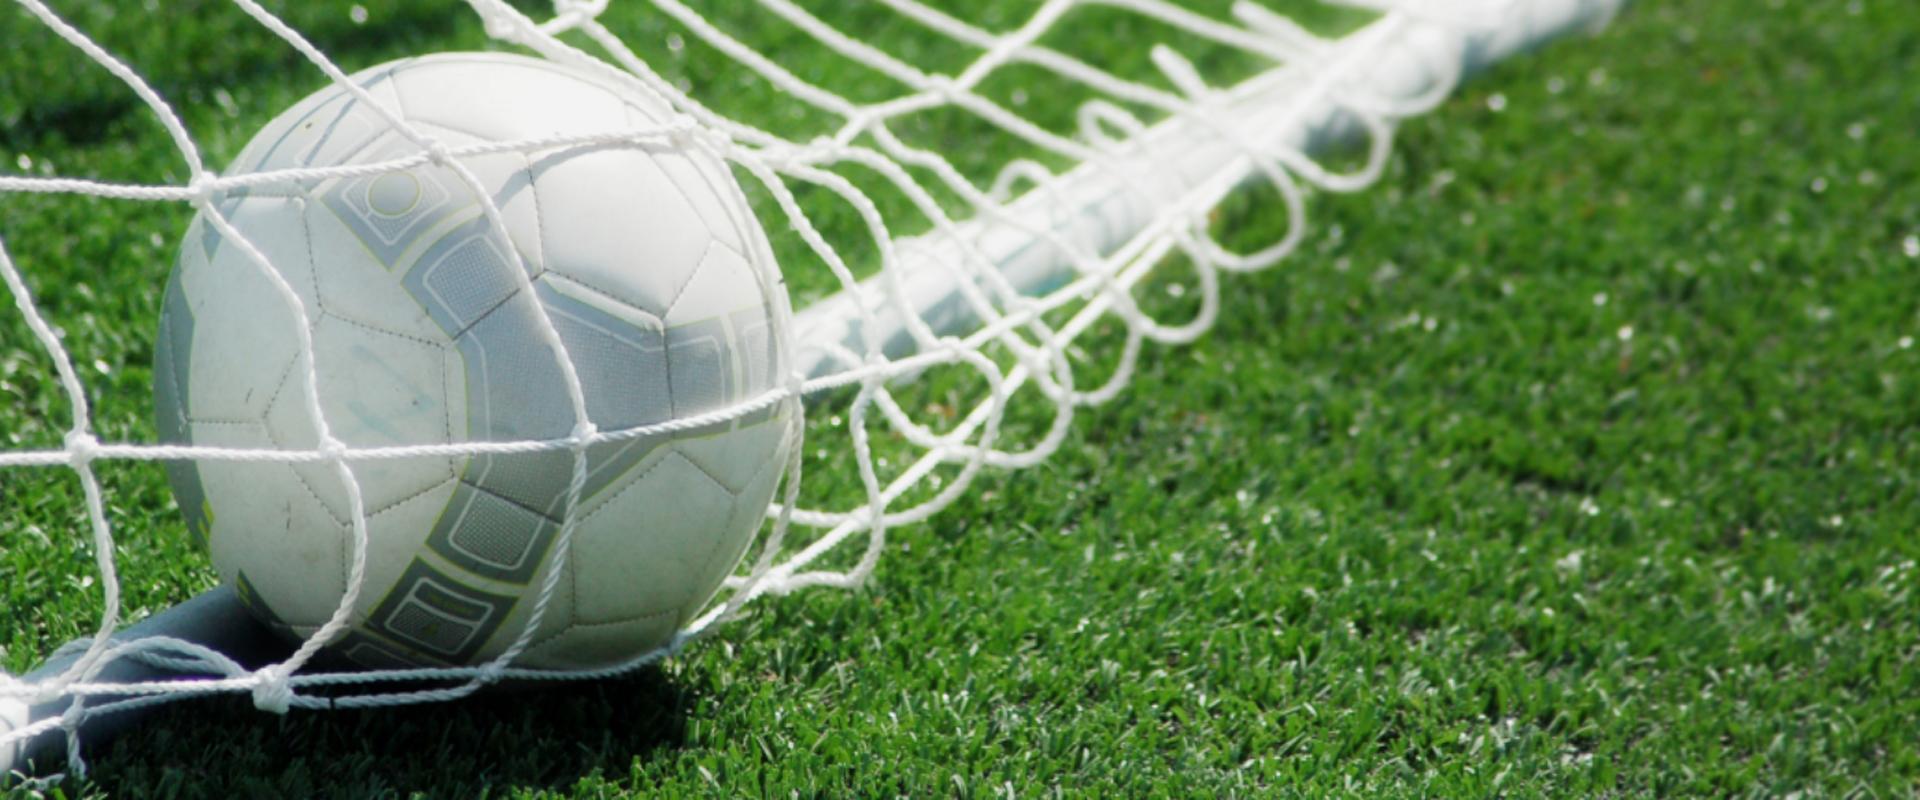 Start nieuwe voetbalseizoen